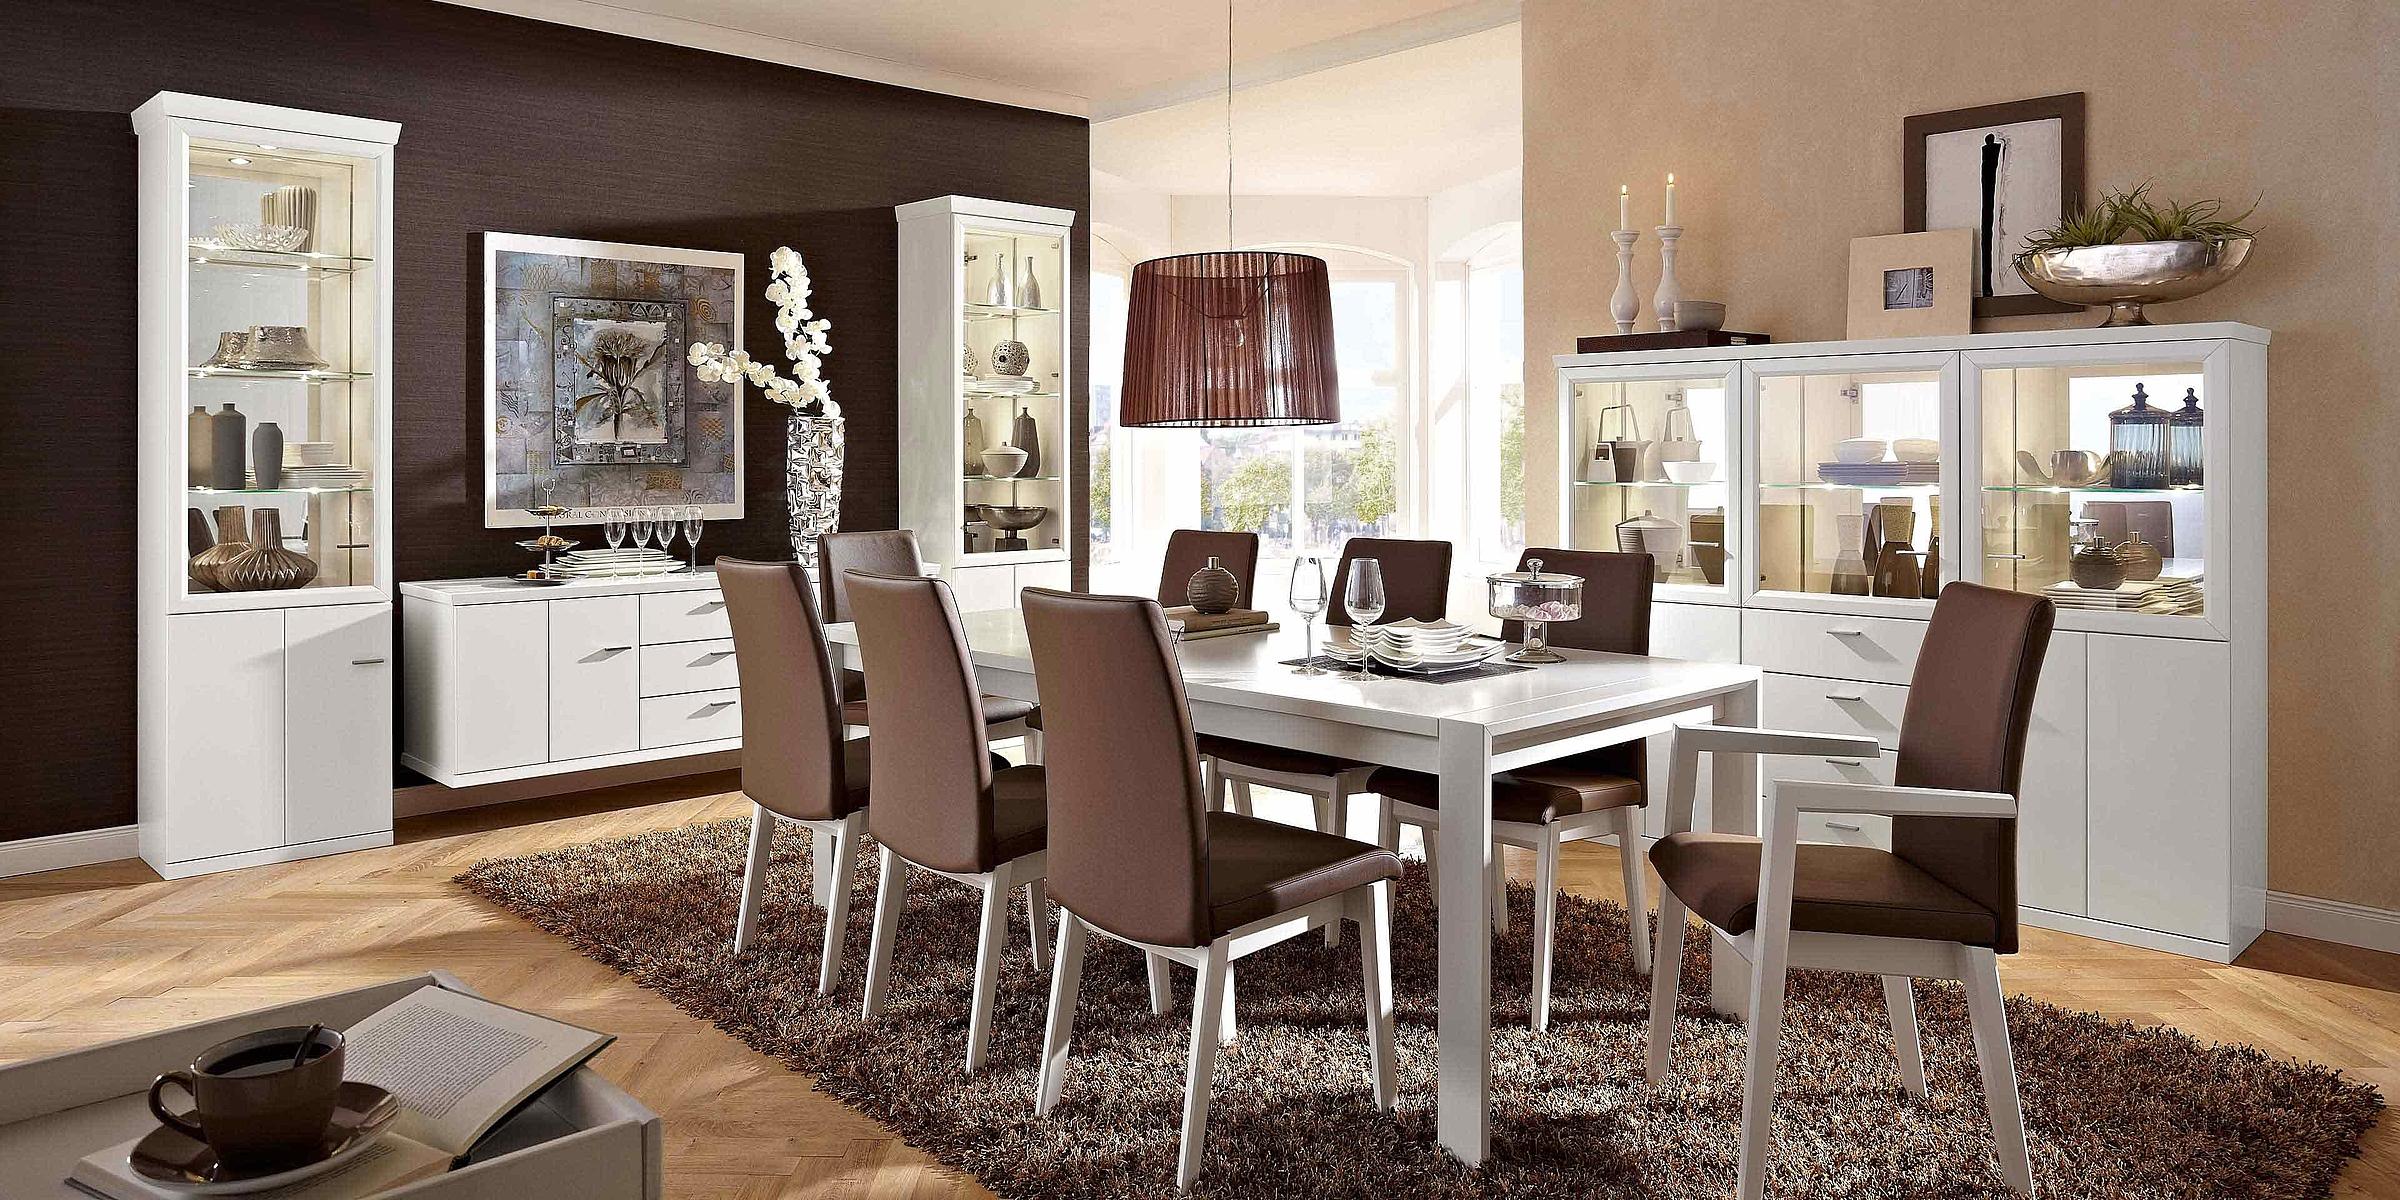 Wohnwand Stuhl Leder Esstisch Esszimmer Dacapo Lack weiß